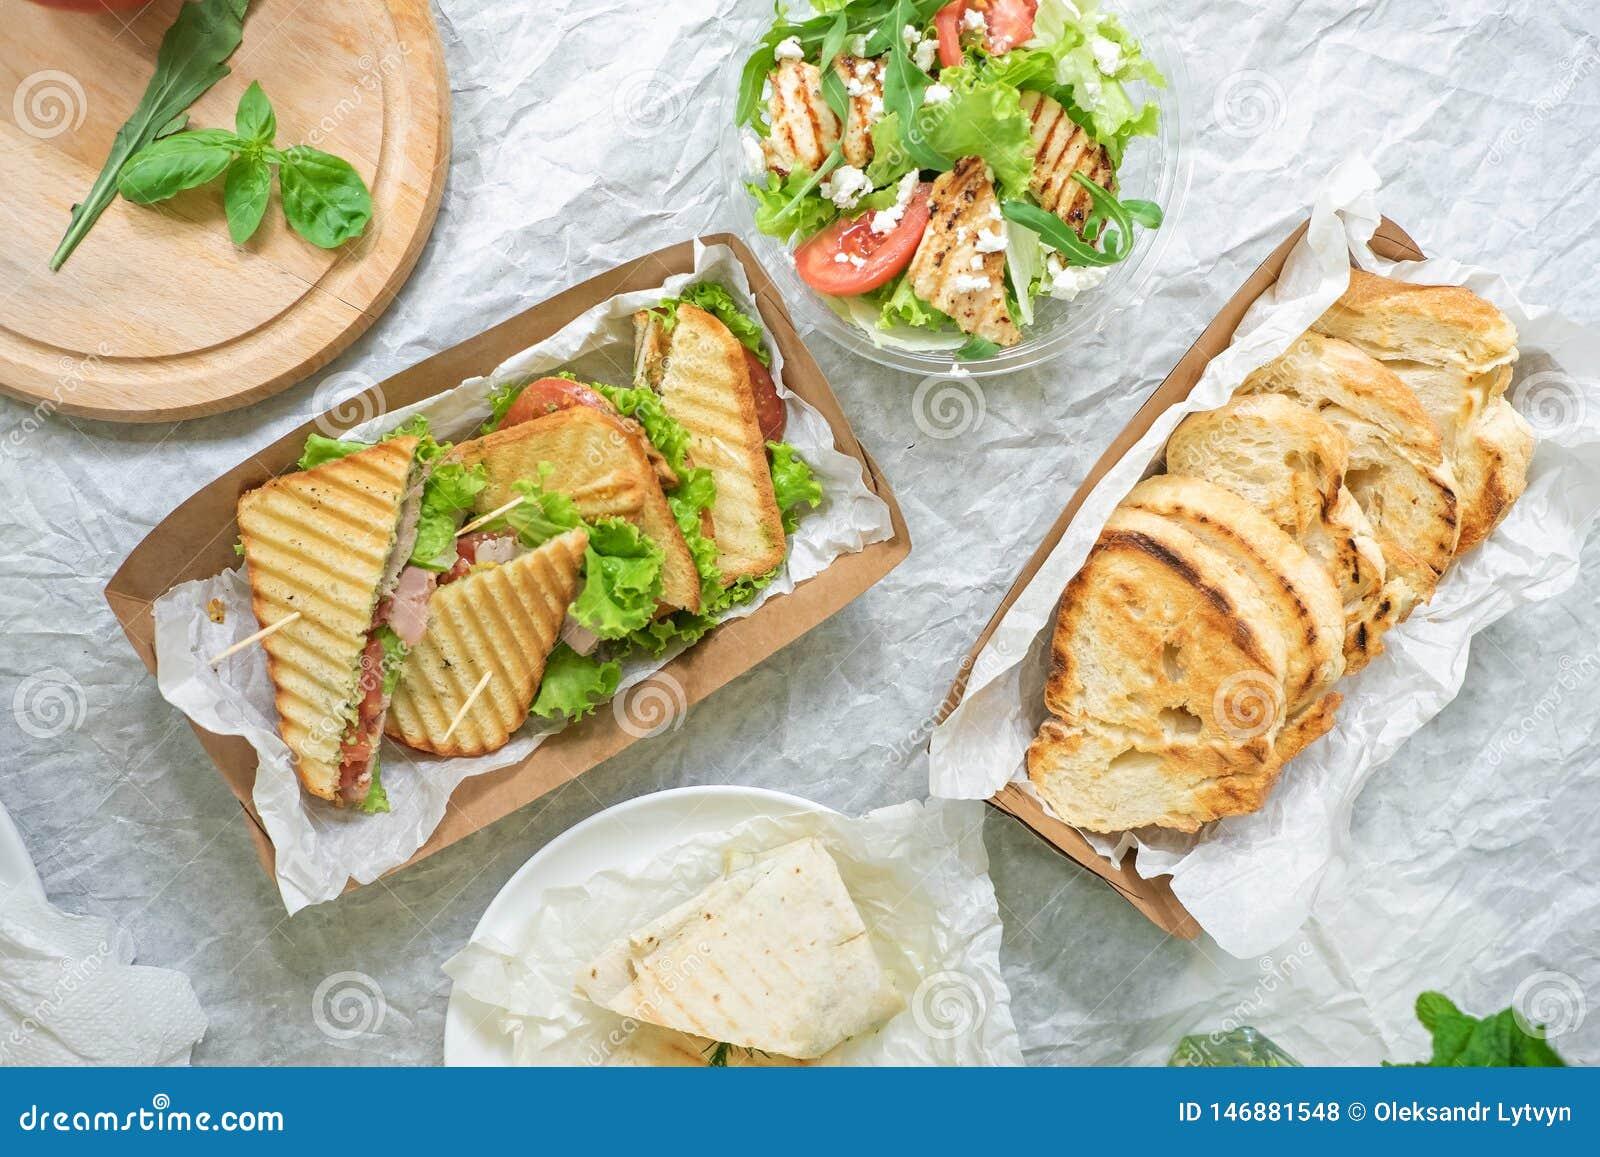 Ψωμί ζαμπόν με τη φυτική σαλάτα και ντομάτα σε έναν πίνακα και χαρτί